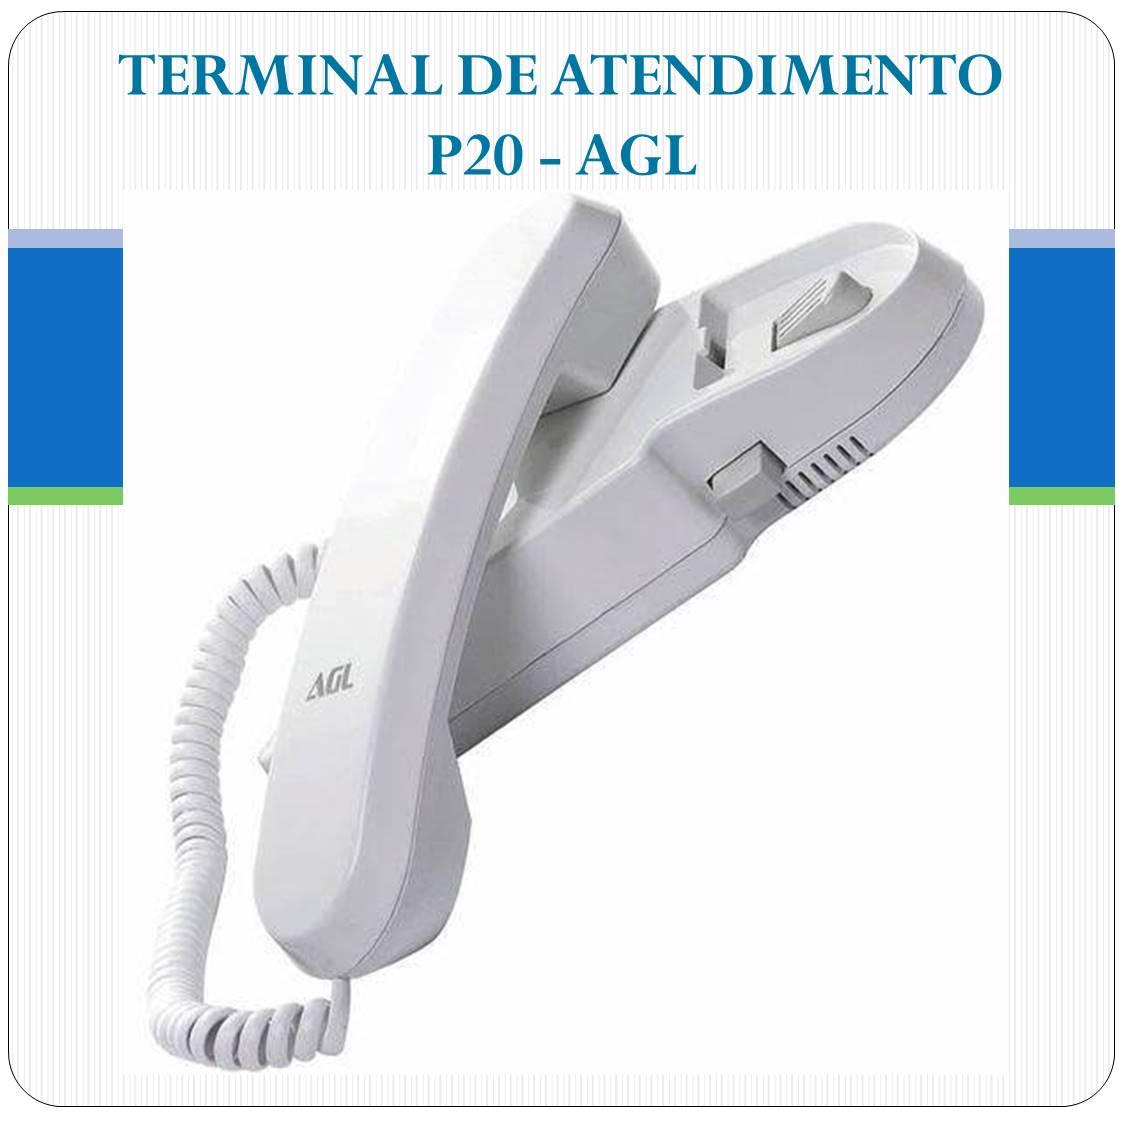 Monofone Extensão Interfone Porteiro Agl - P20